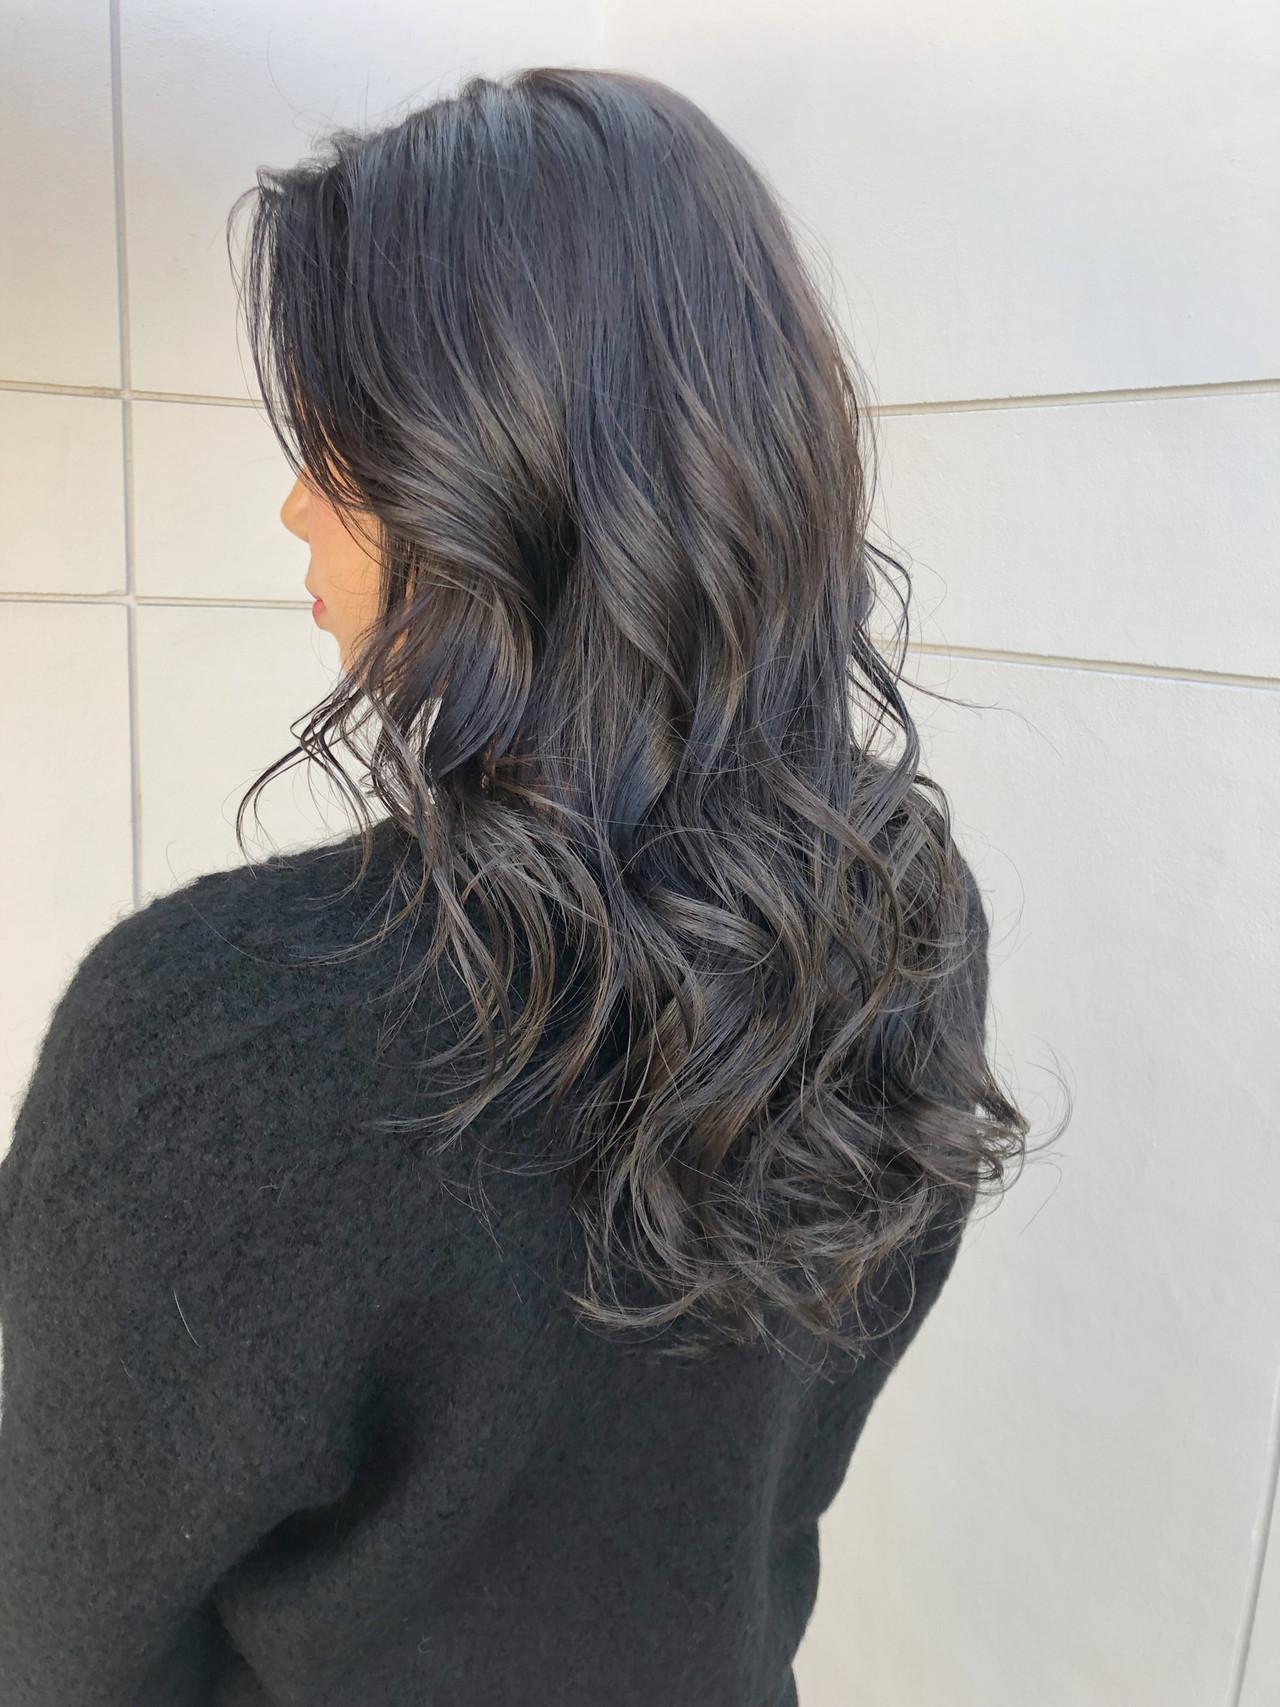 アッシュグレー グレージュ アッシュグレージュ グレーアッシュ ヘアスタイルや髪型の写真・画像